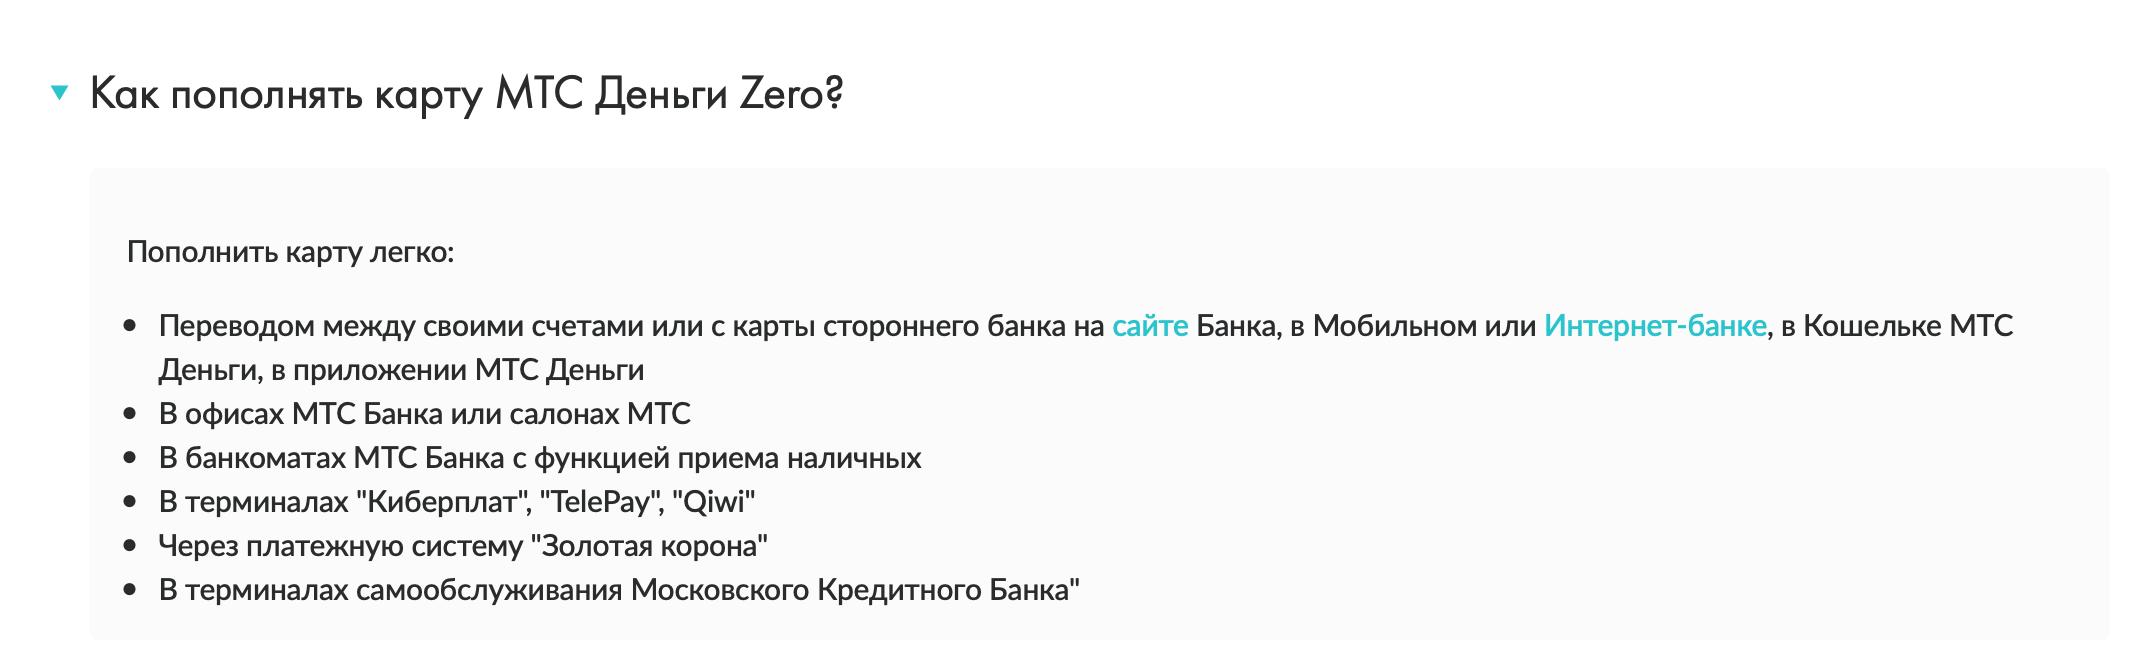 Полное описание карты Zero от МТС Банка